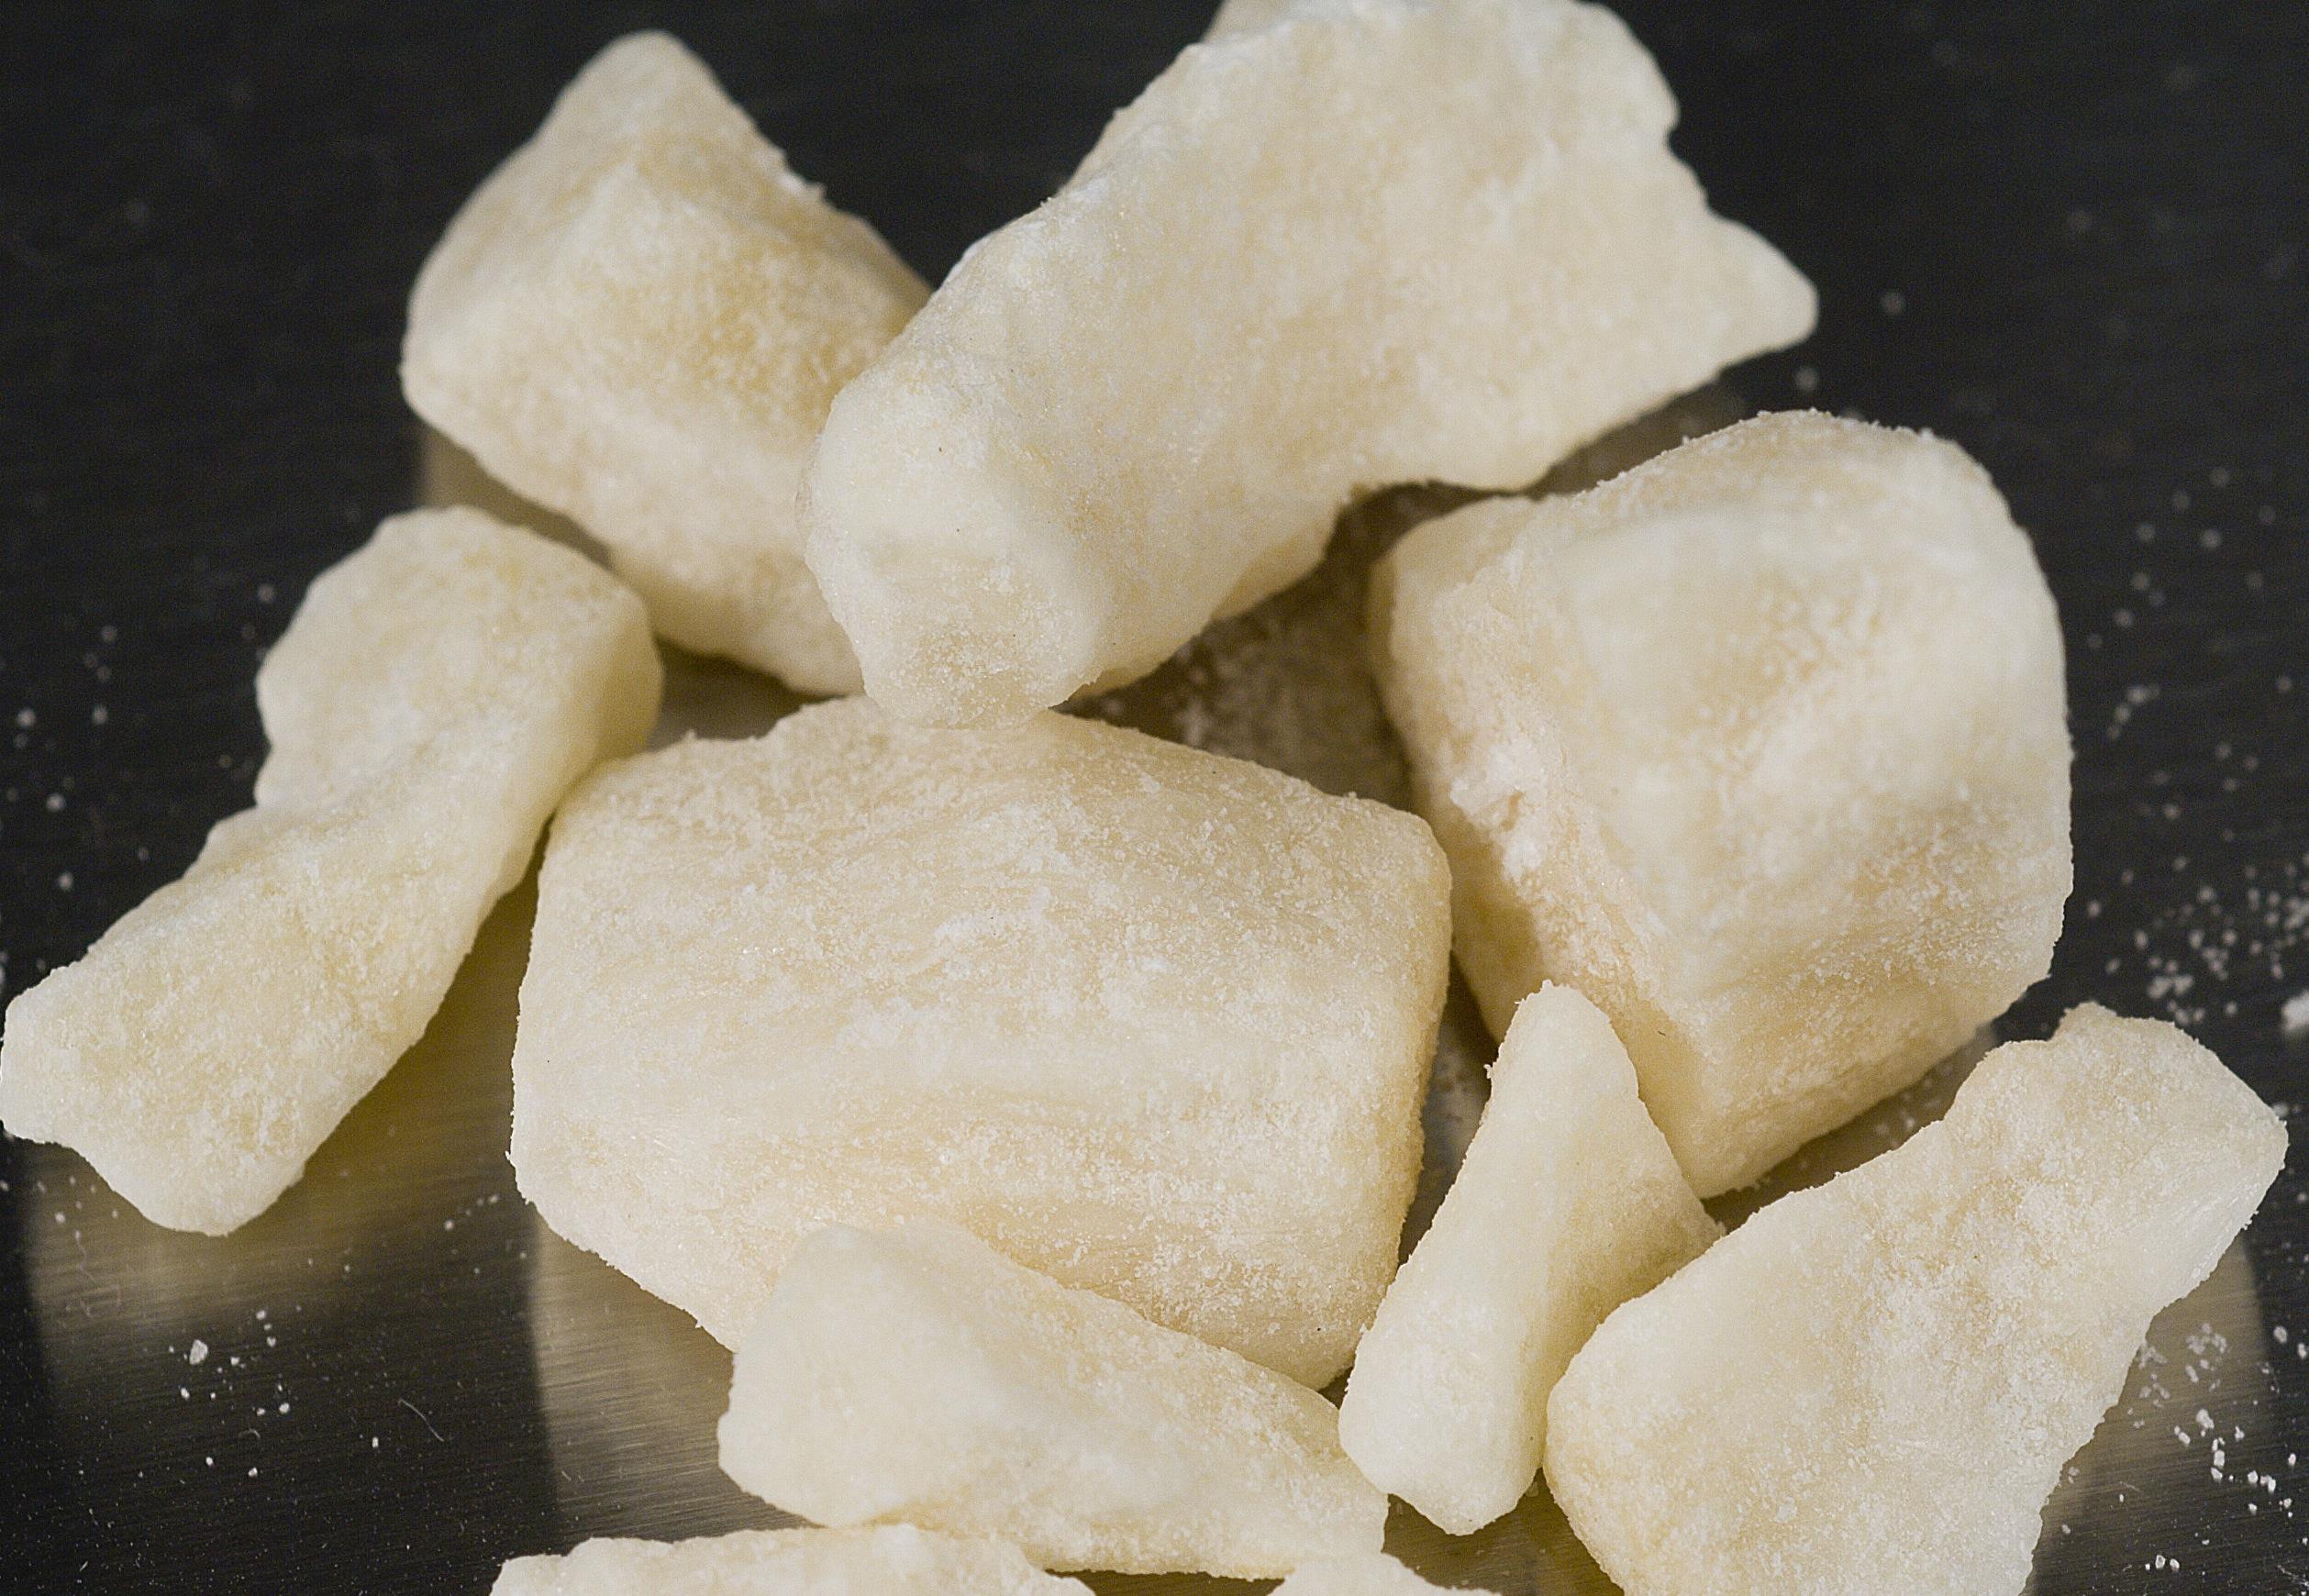 crack.cocaine